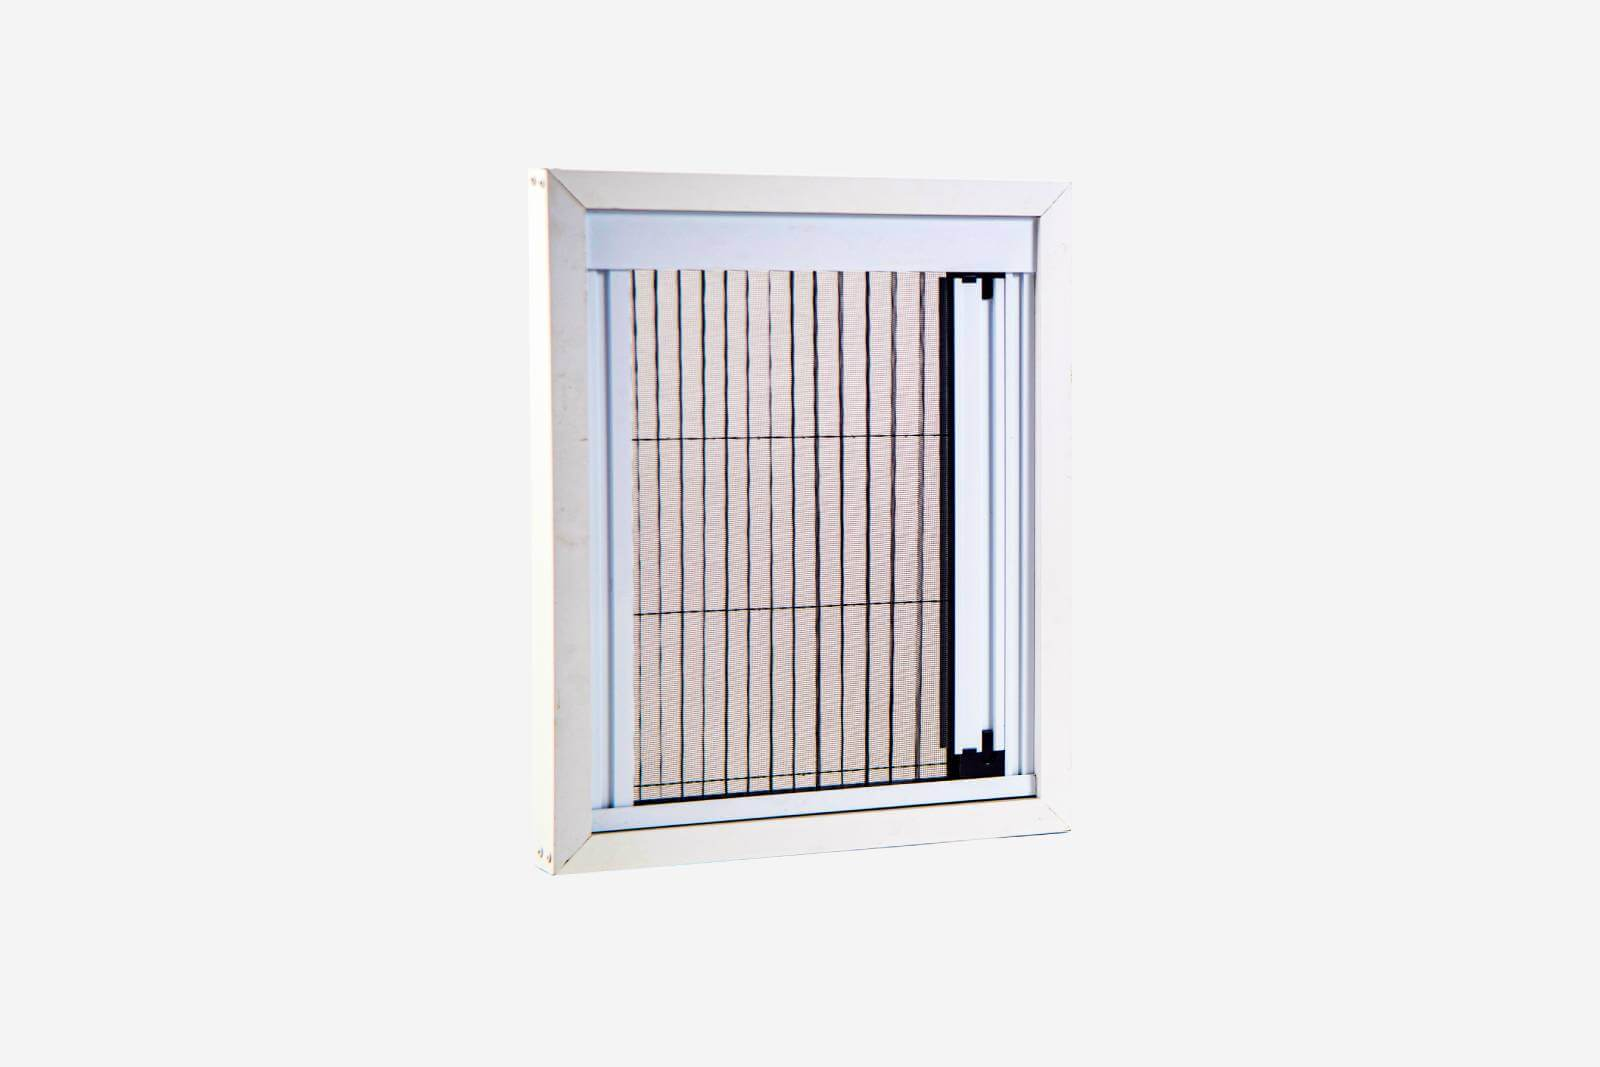 شبك الحشرات للنوافذ والأبواب محكم الإغلاق للحماية من الحشرات معماري قطر